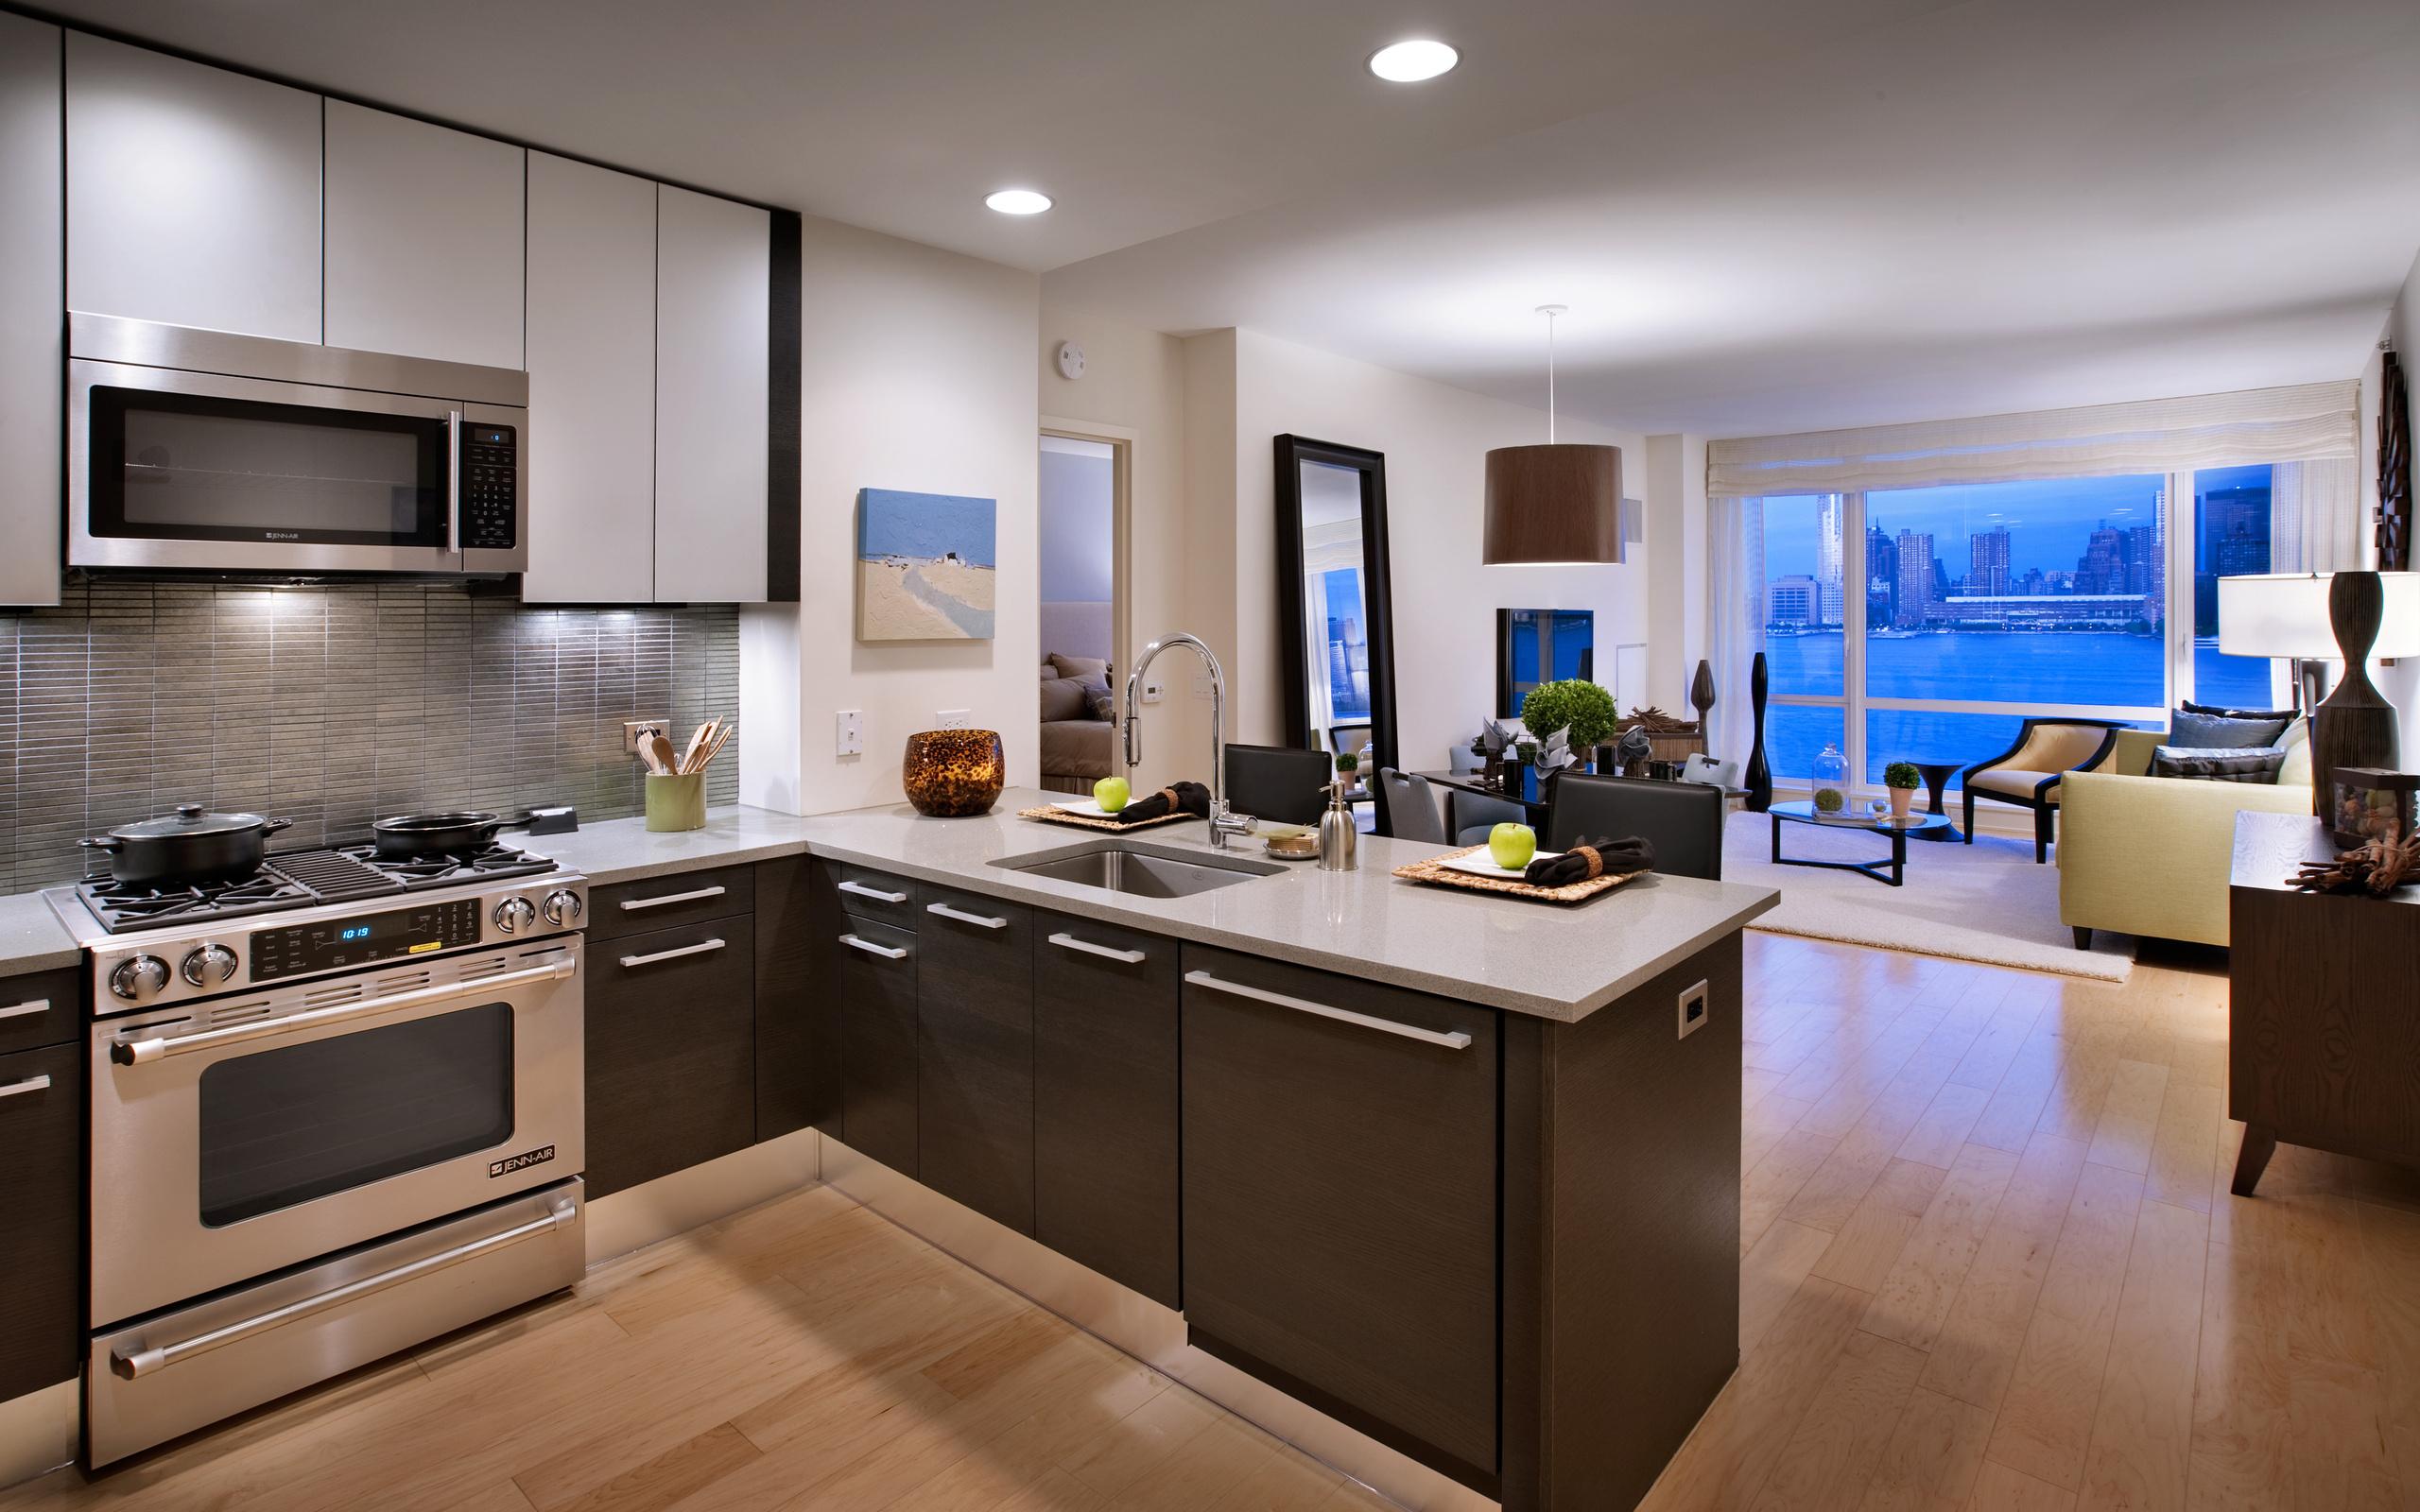 Кухня комната дизайн фото в современном